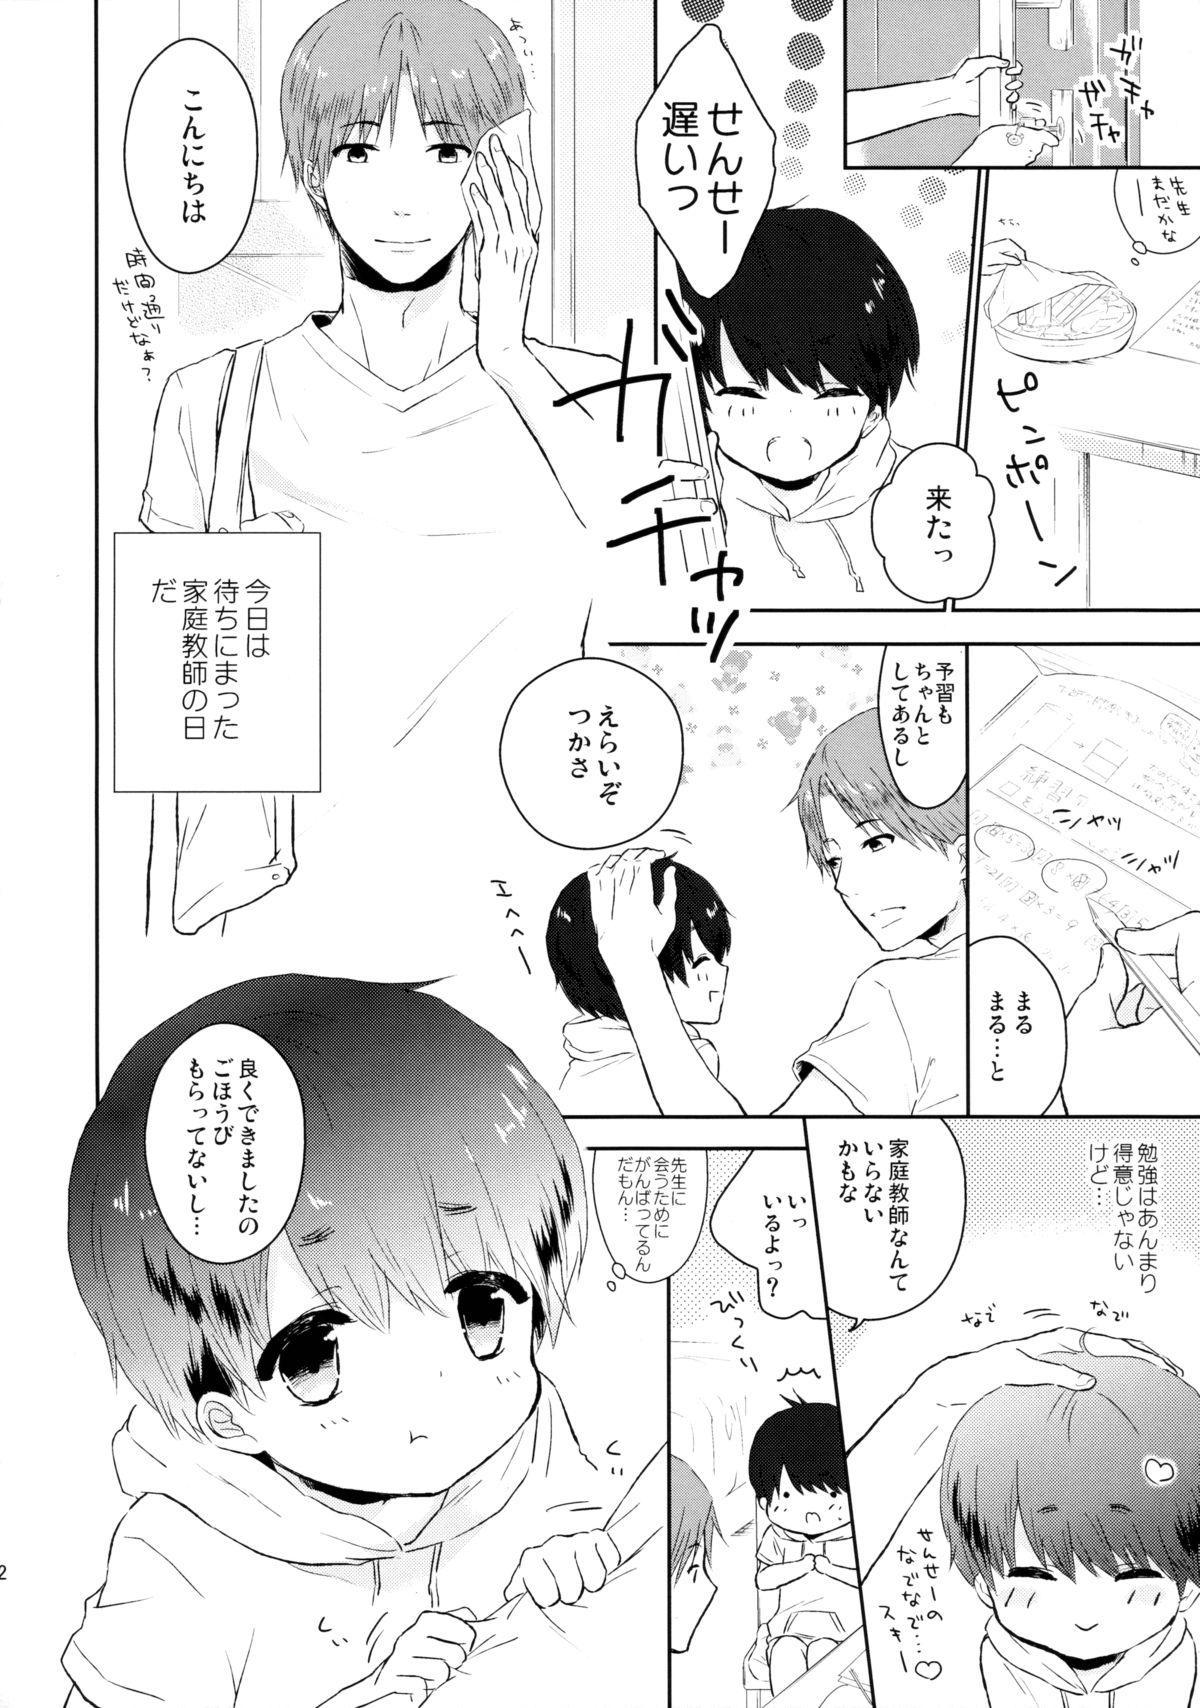 Yasashii Sensei no Kouryaku Houhou 2